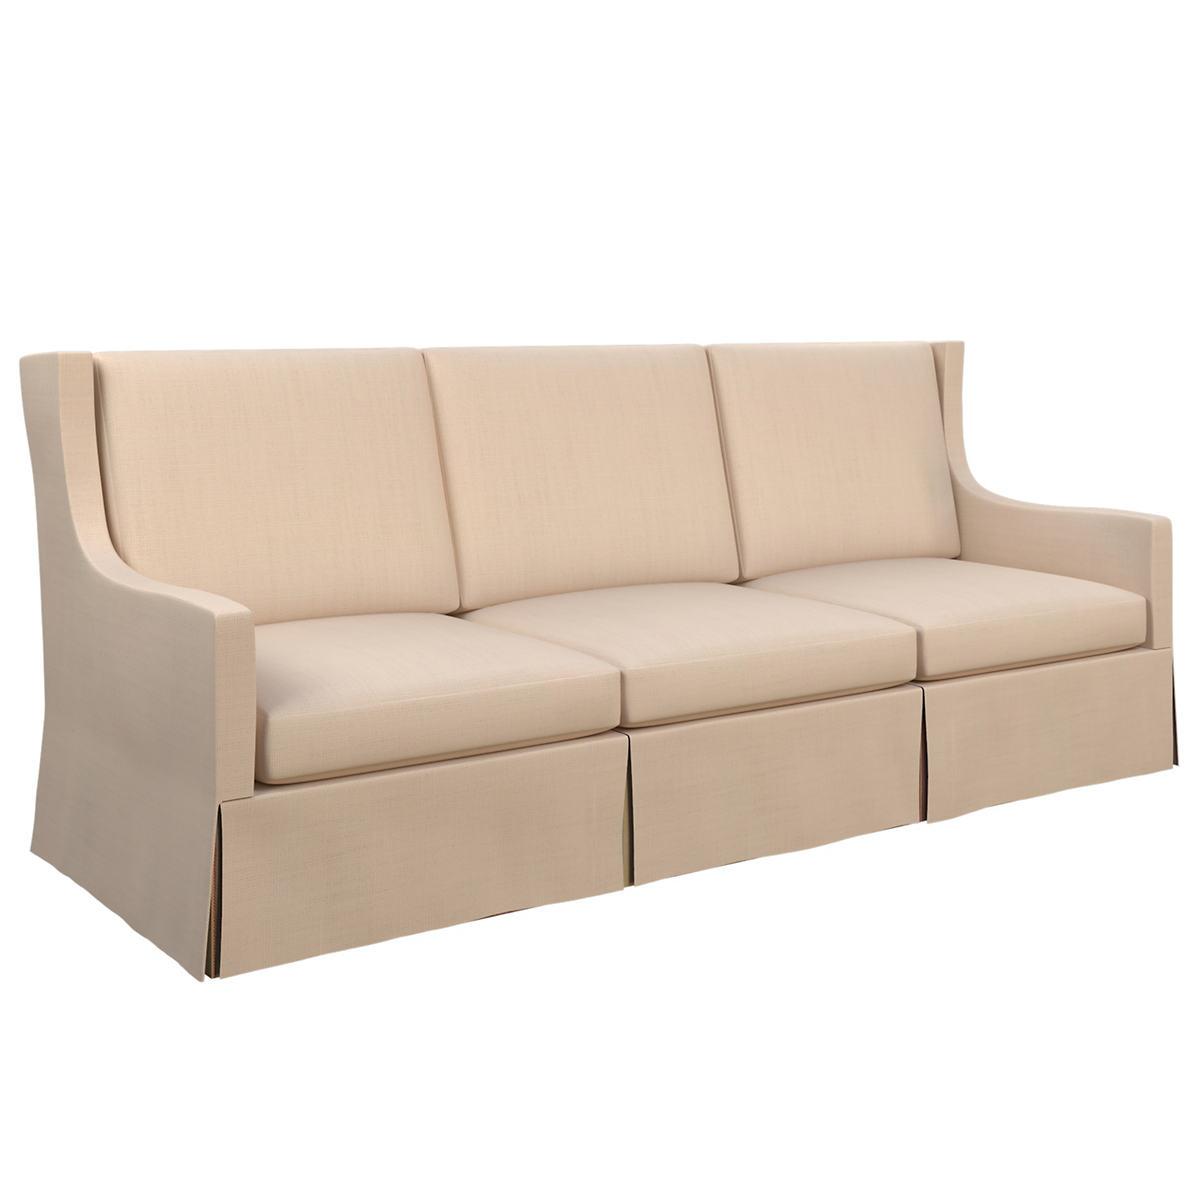 Solstice Petal Toulouse Sofa